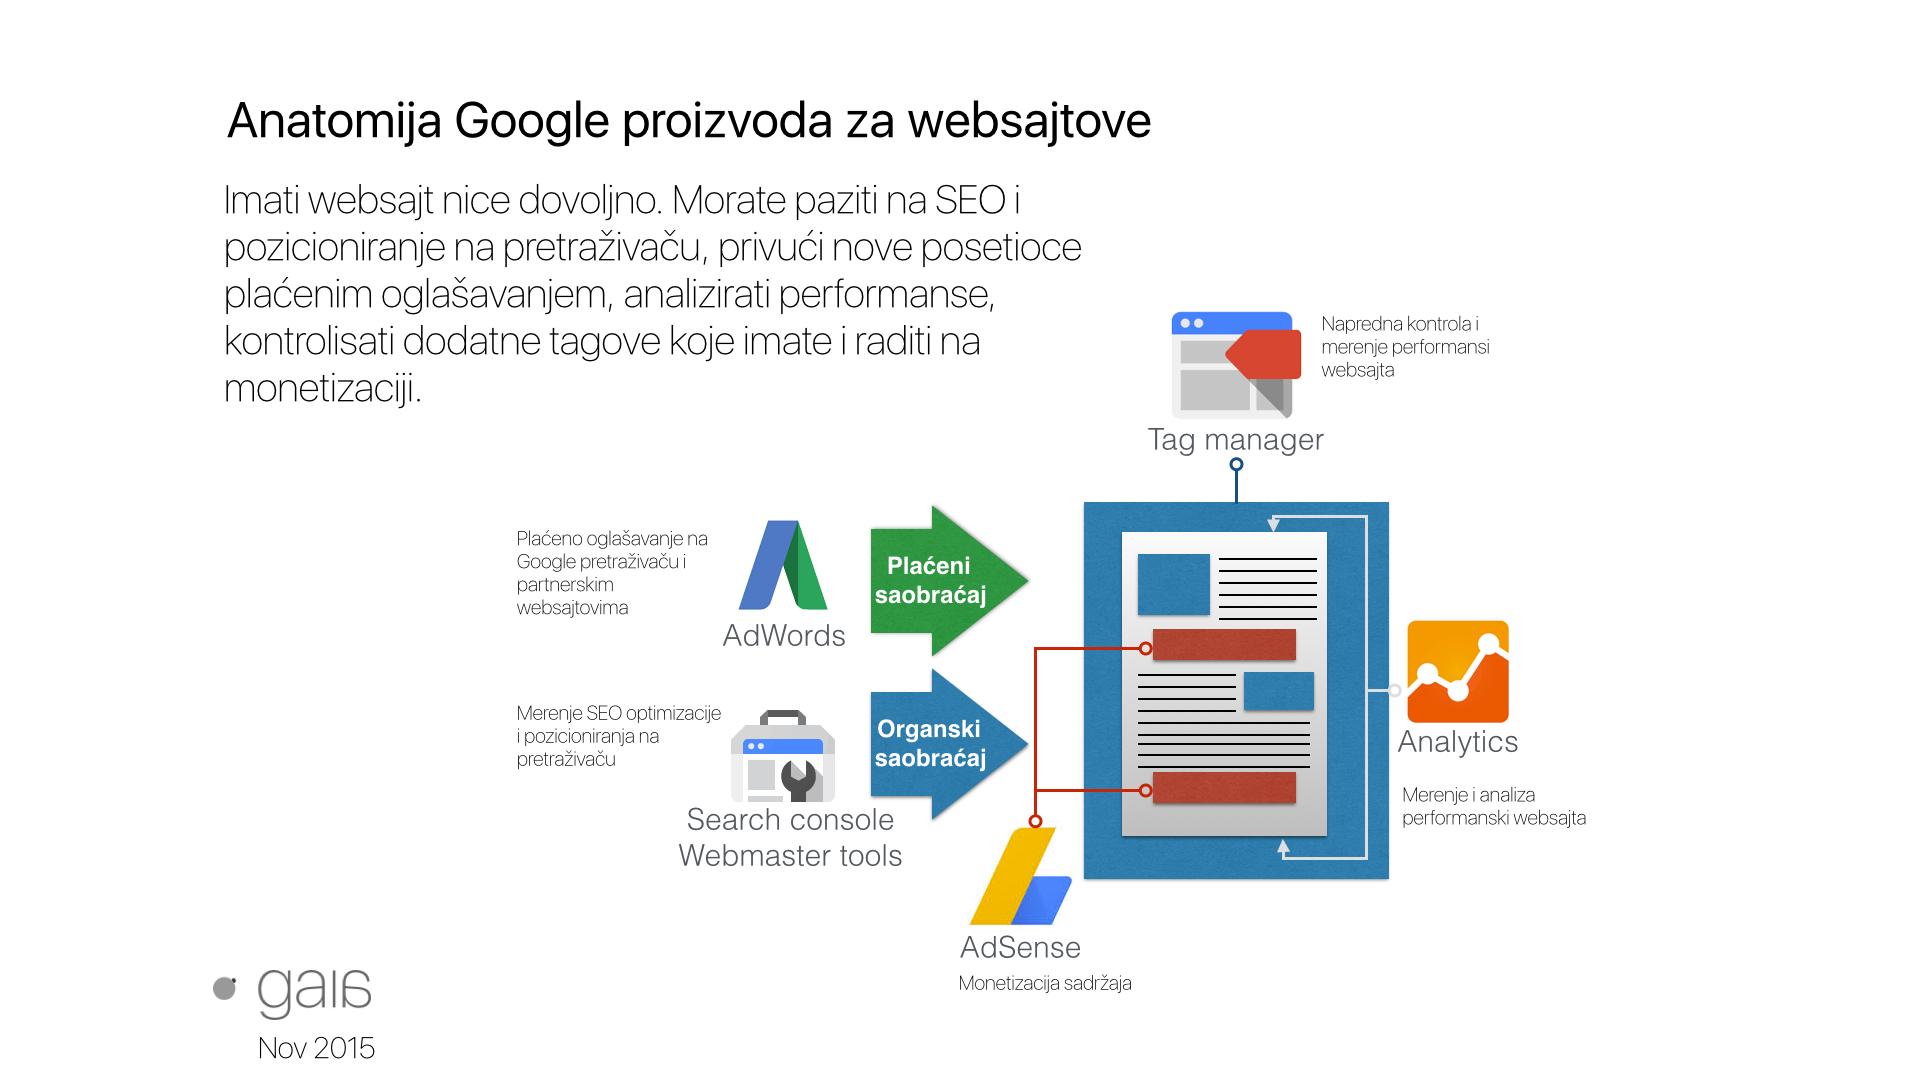 Anatomija Google proizvoda za websajtove